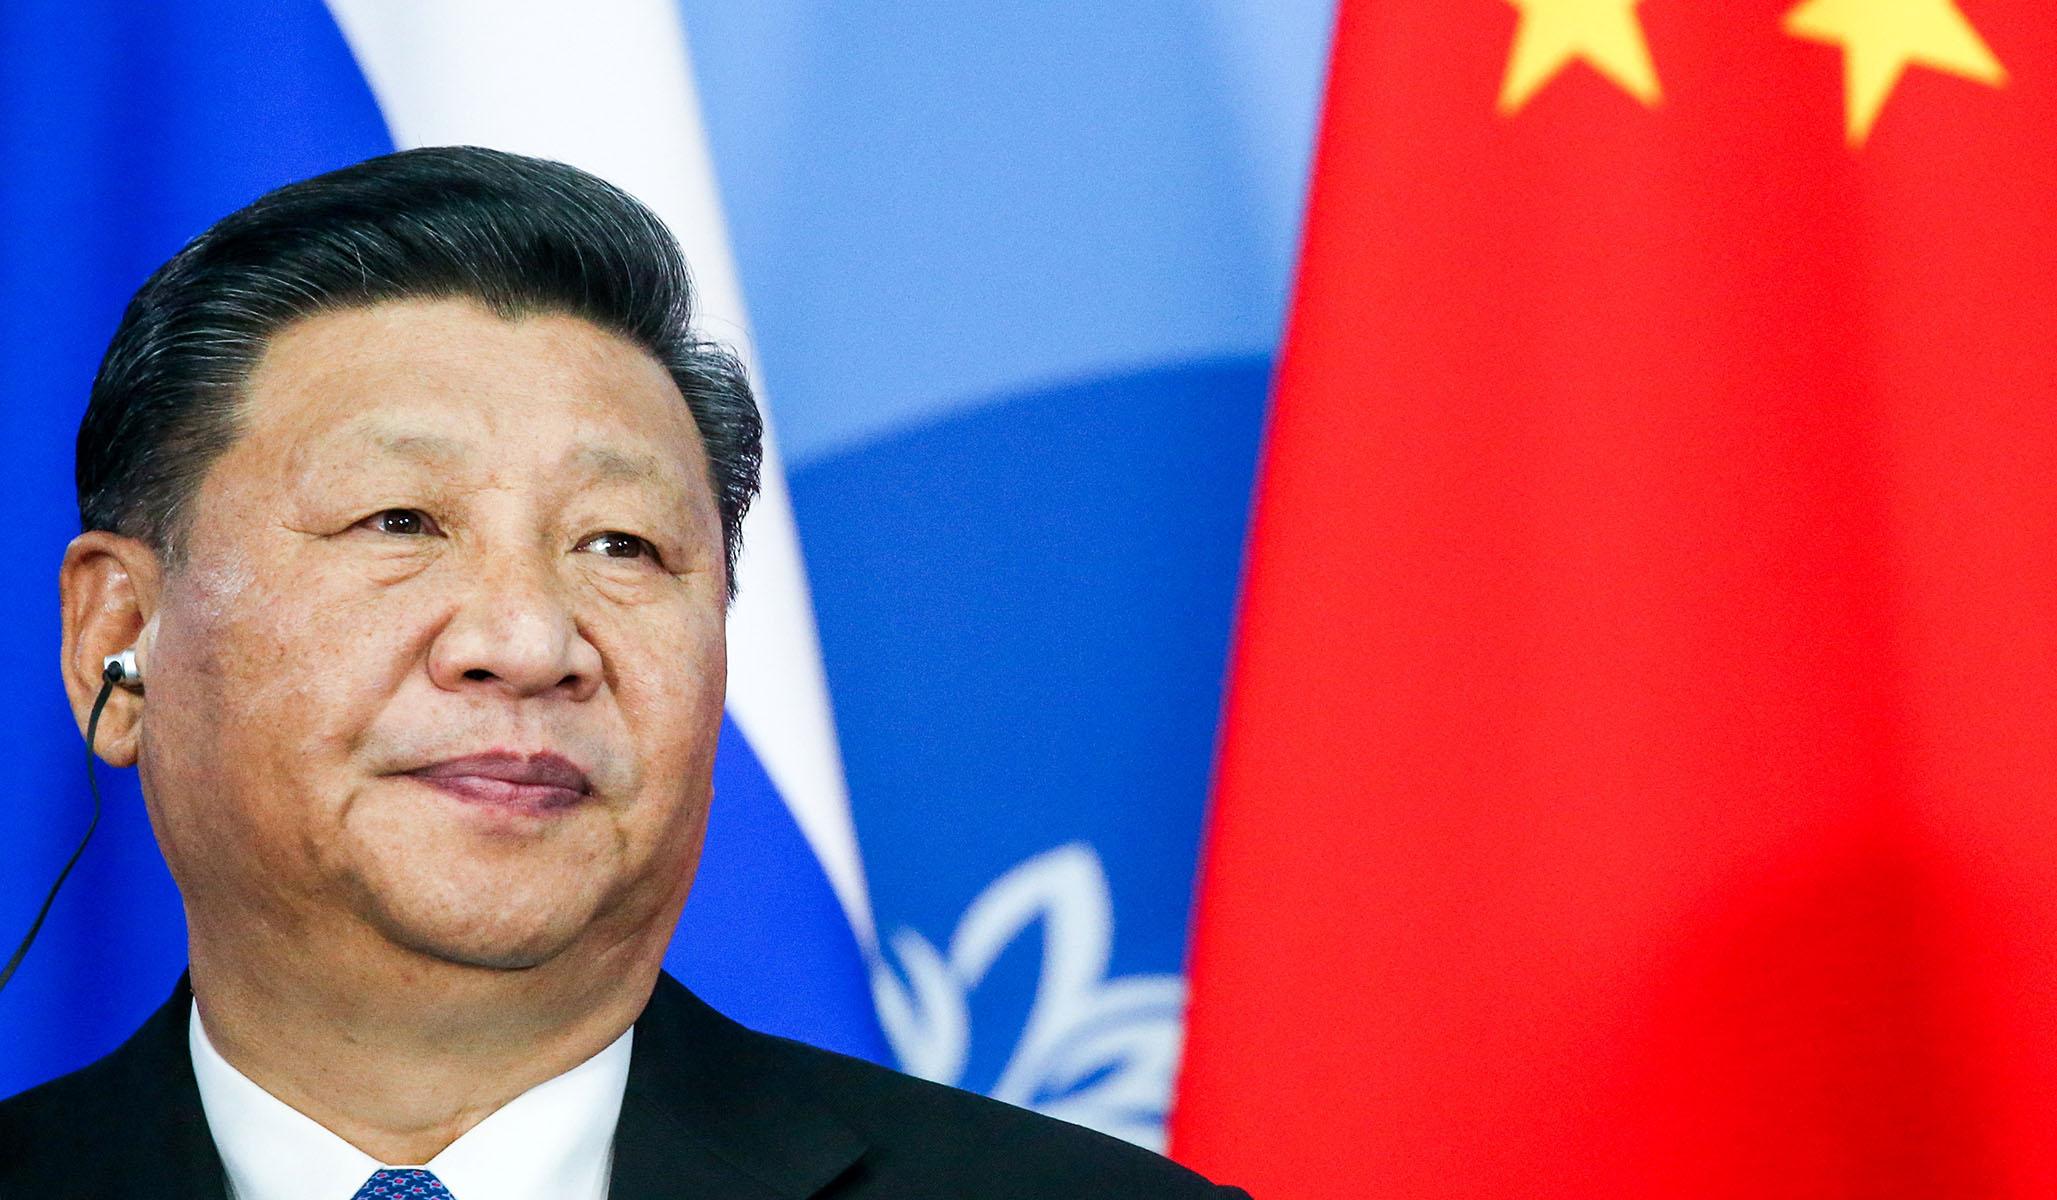 Taiwan's Election Rebuked Xi Jinping